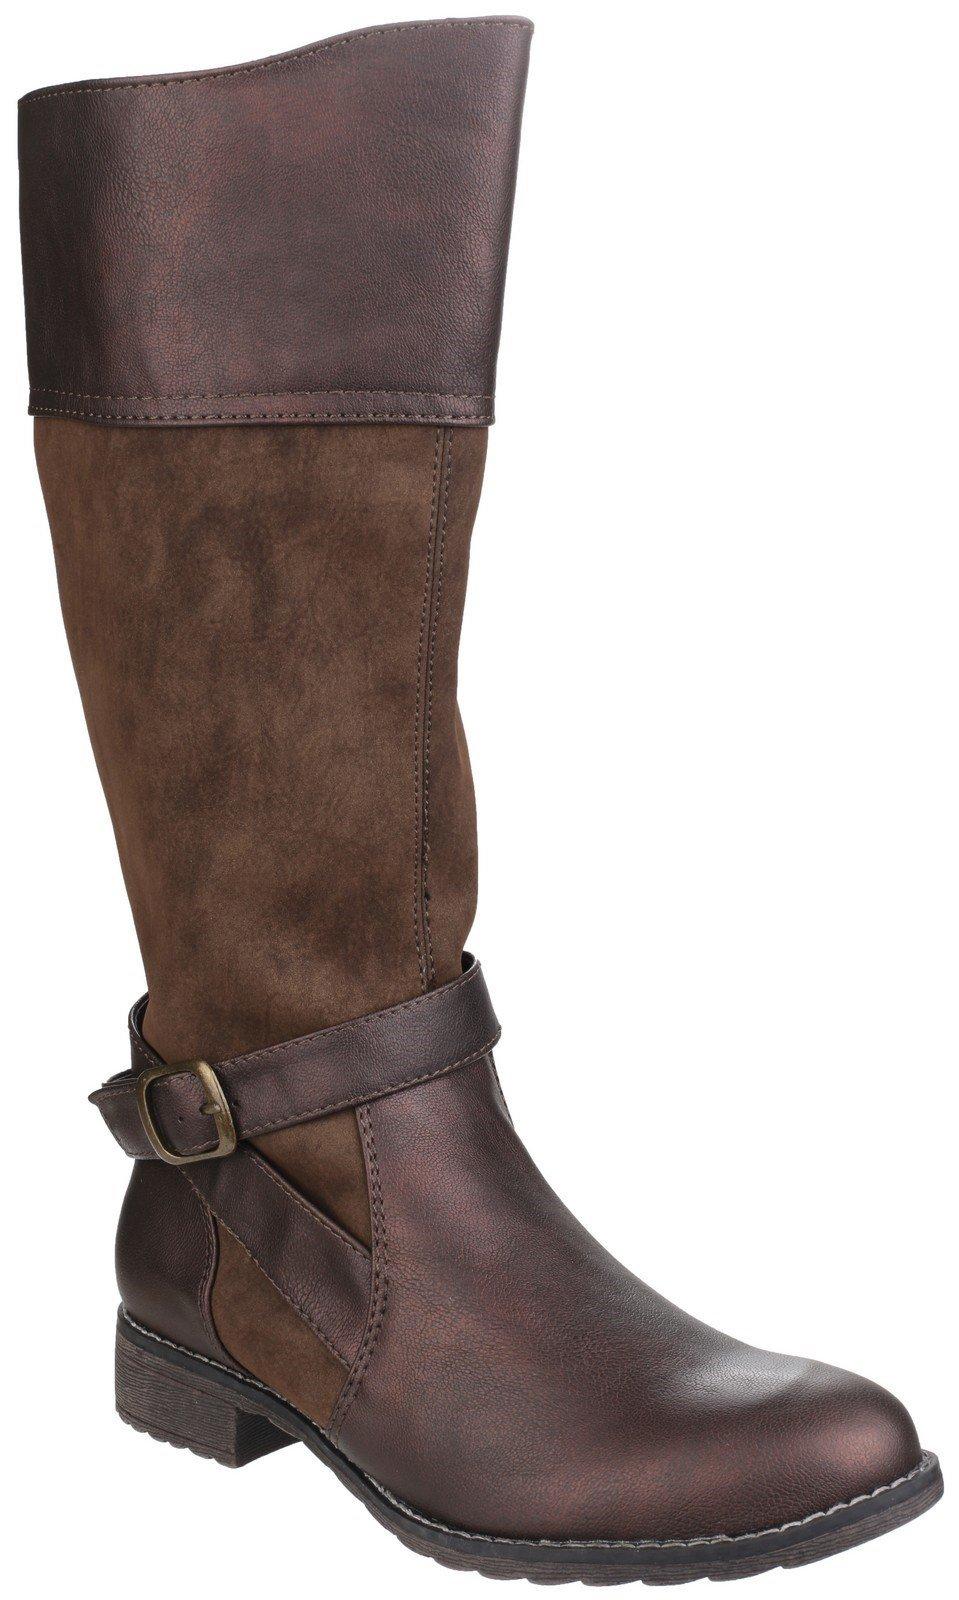 Divaz Women's Garbo Zip Up Boot Black 24268-40012 - Brown 3